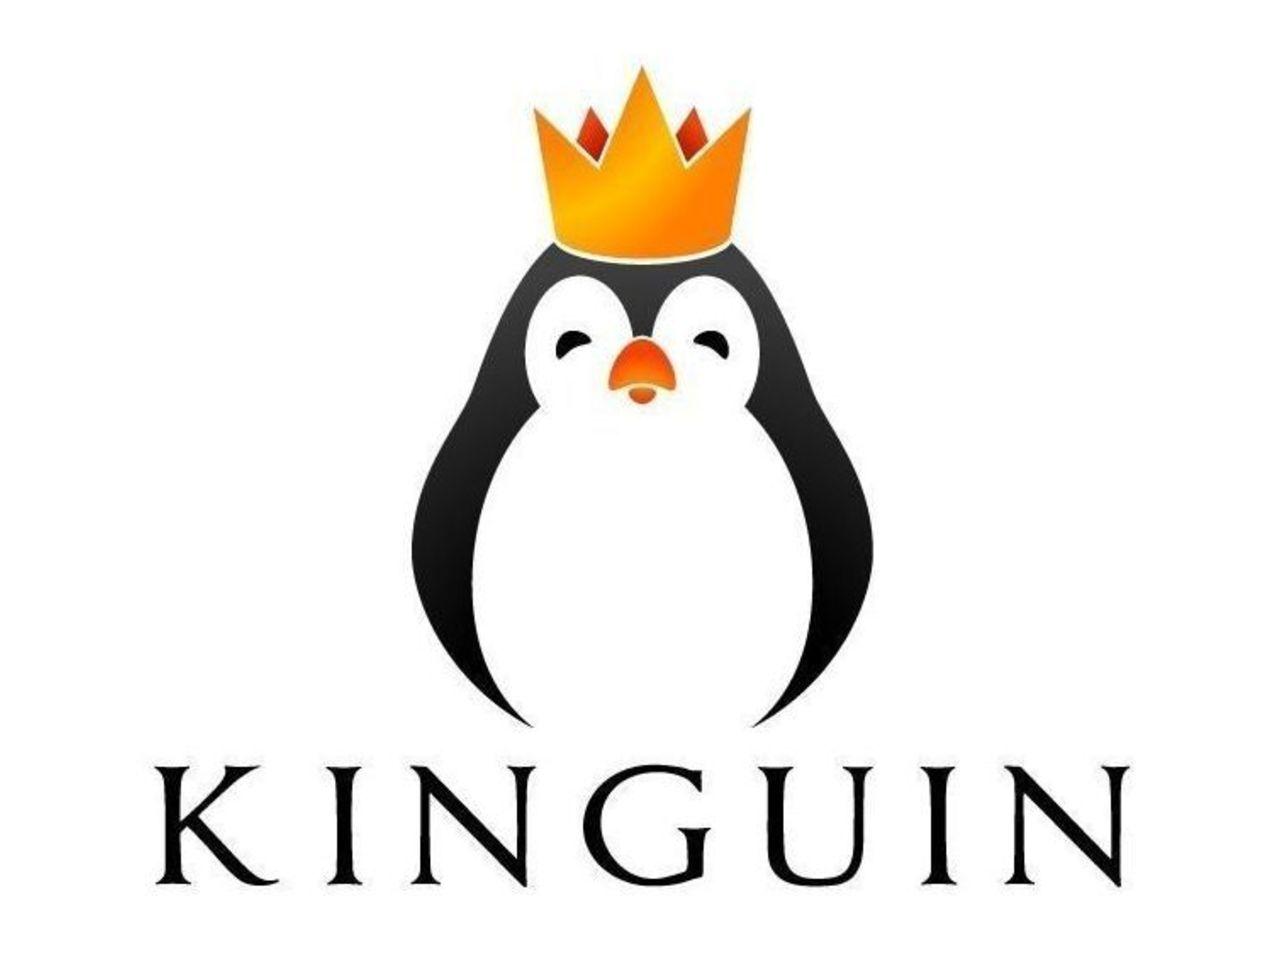 http://inetkox.pl/wp-content/uploads/2016/08/kinguin.jpg